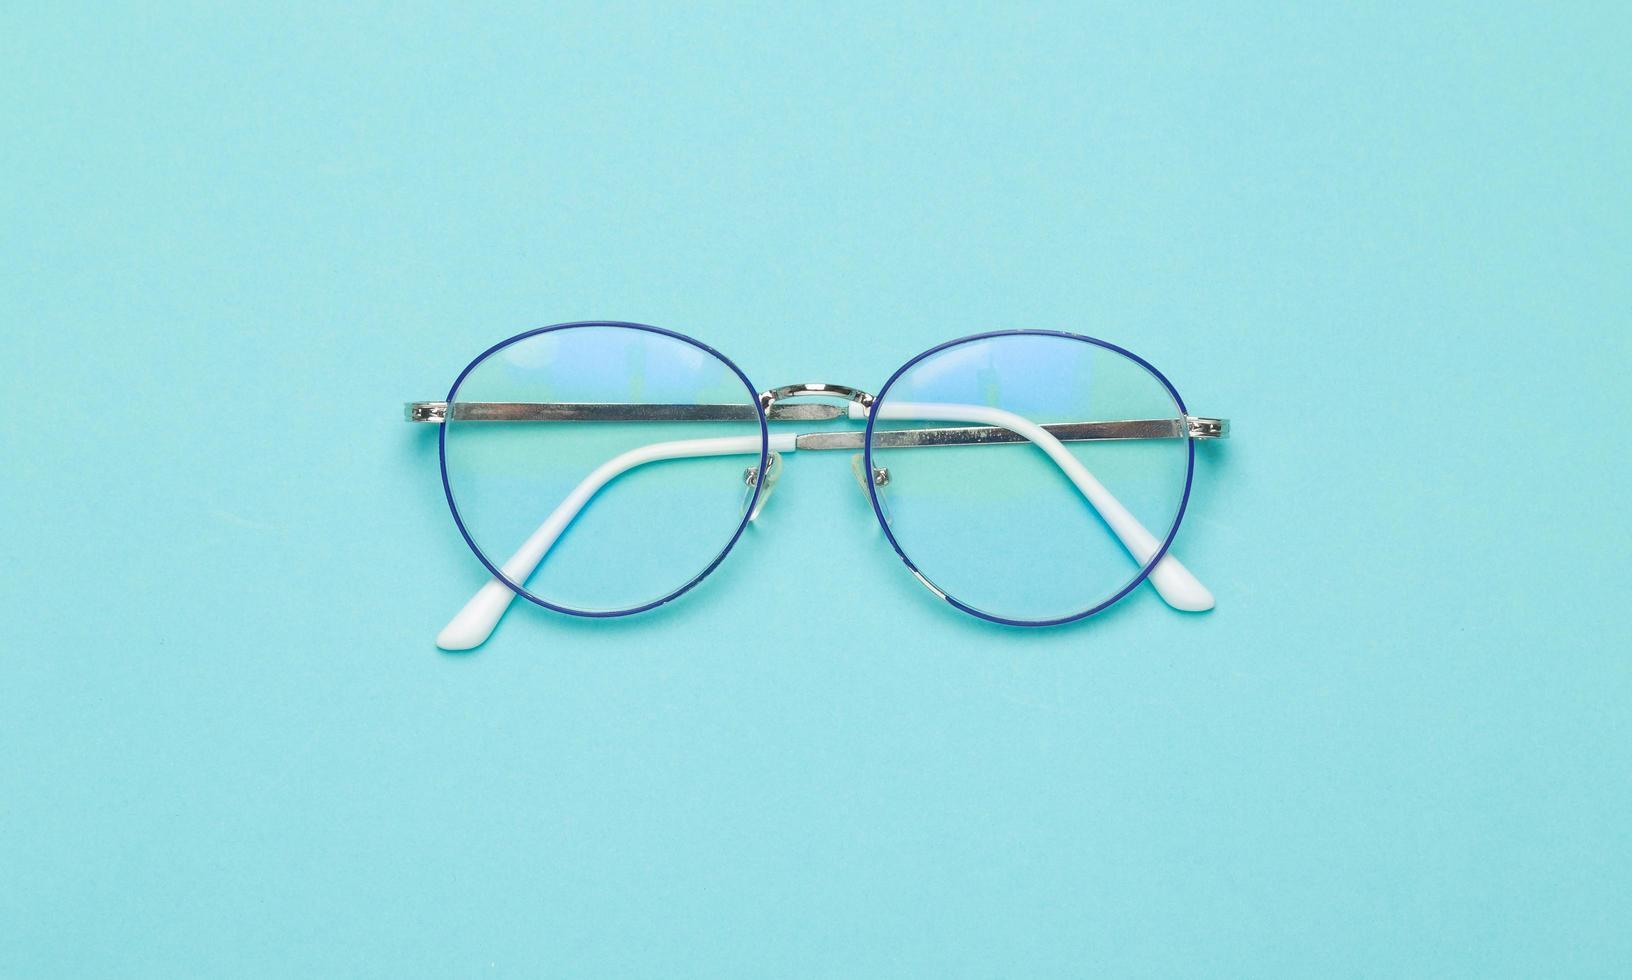 bril op blauwe achtergrond foto